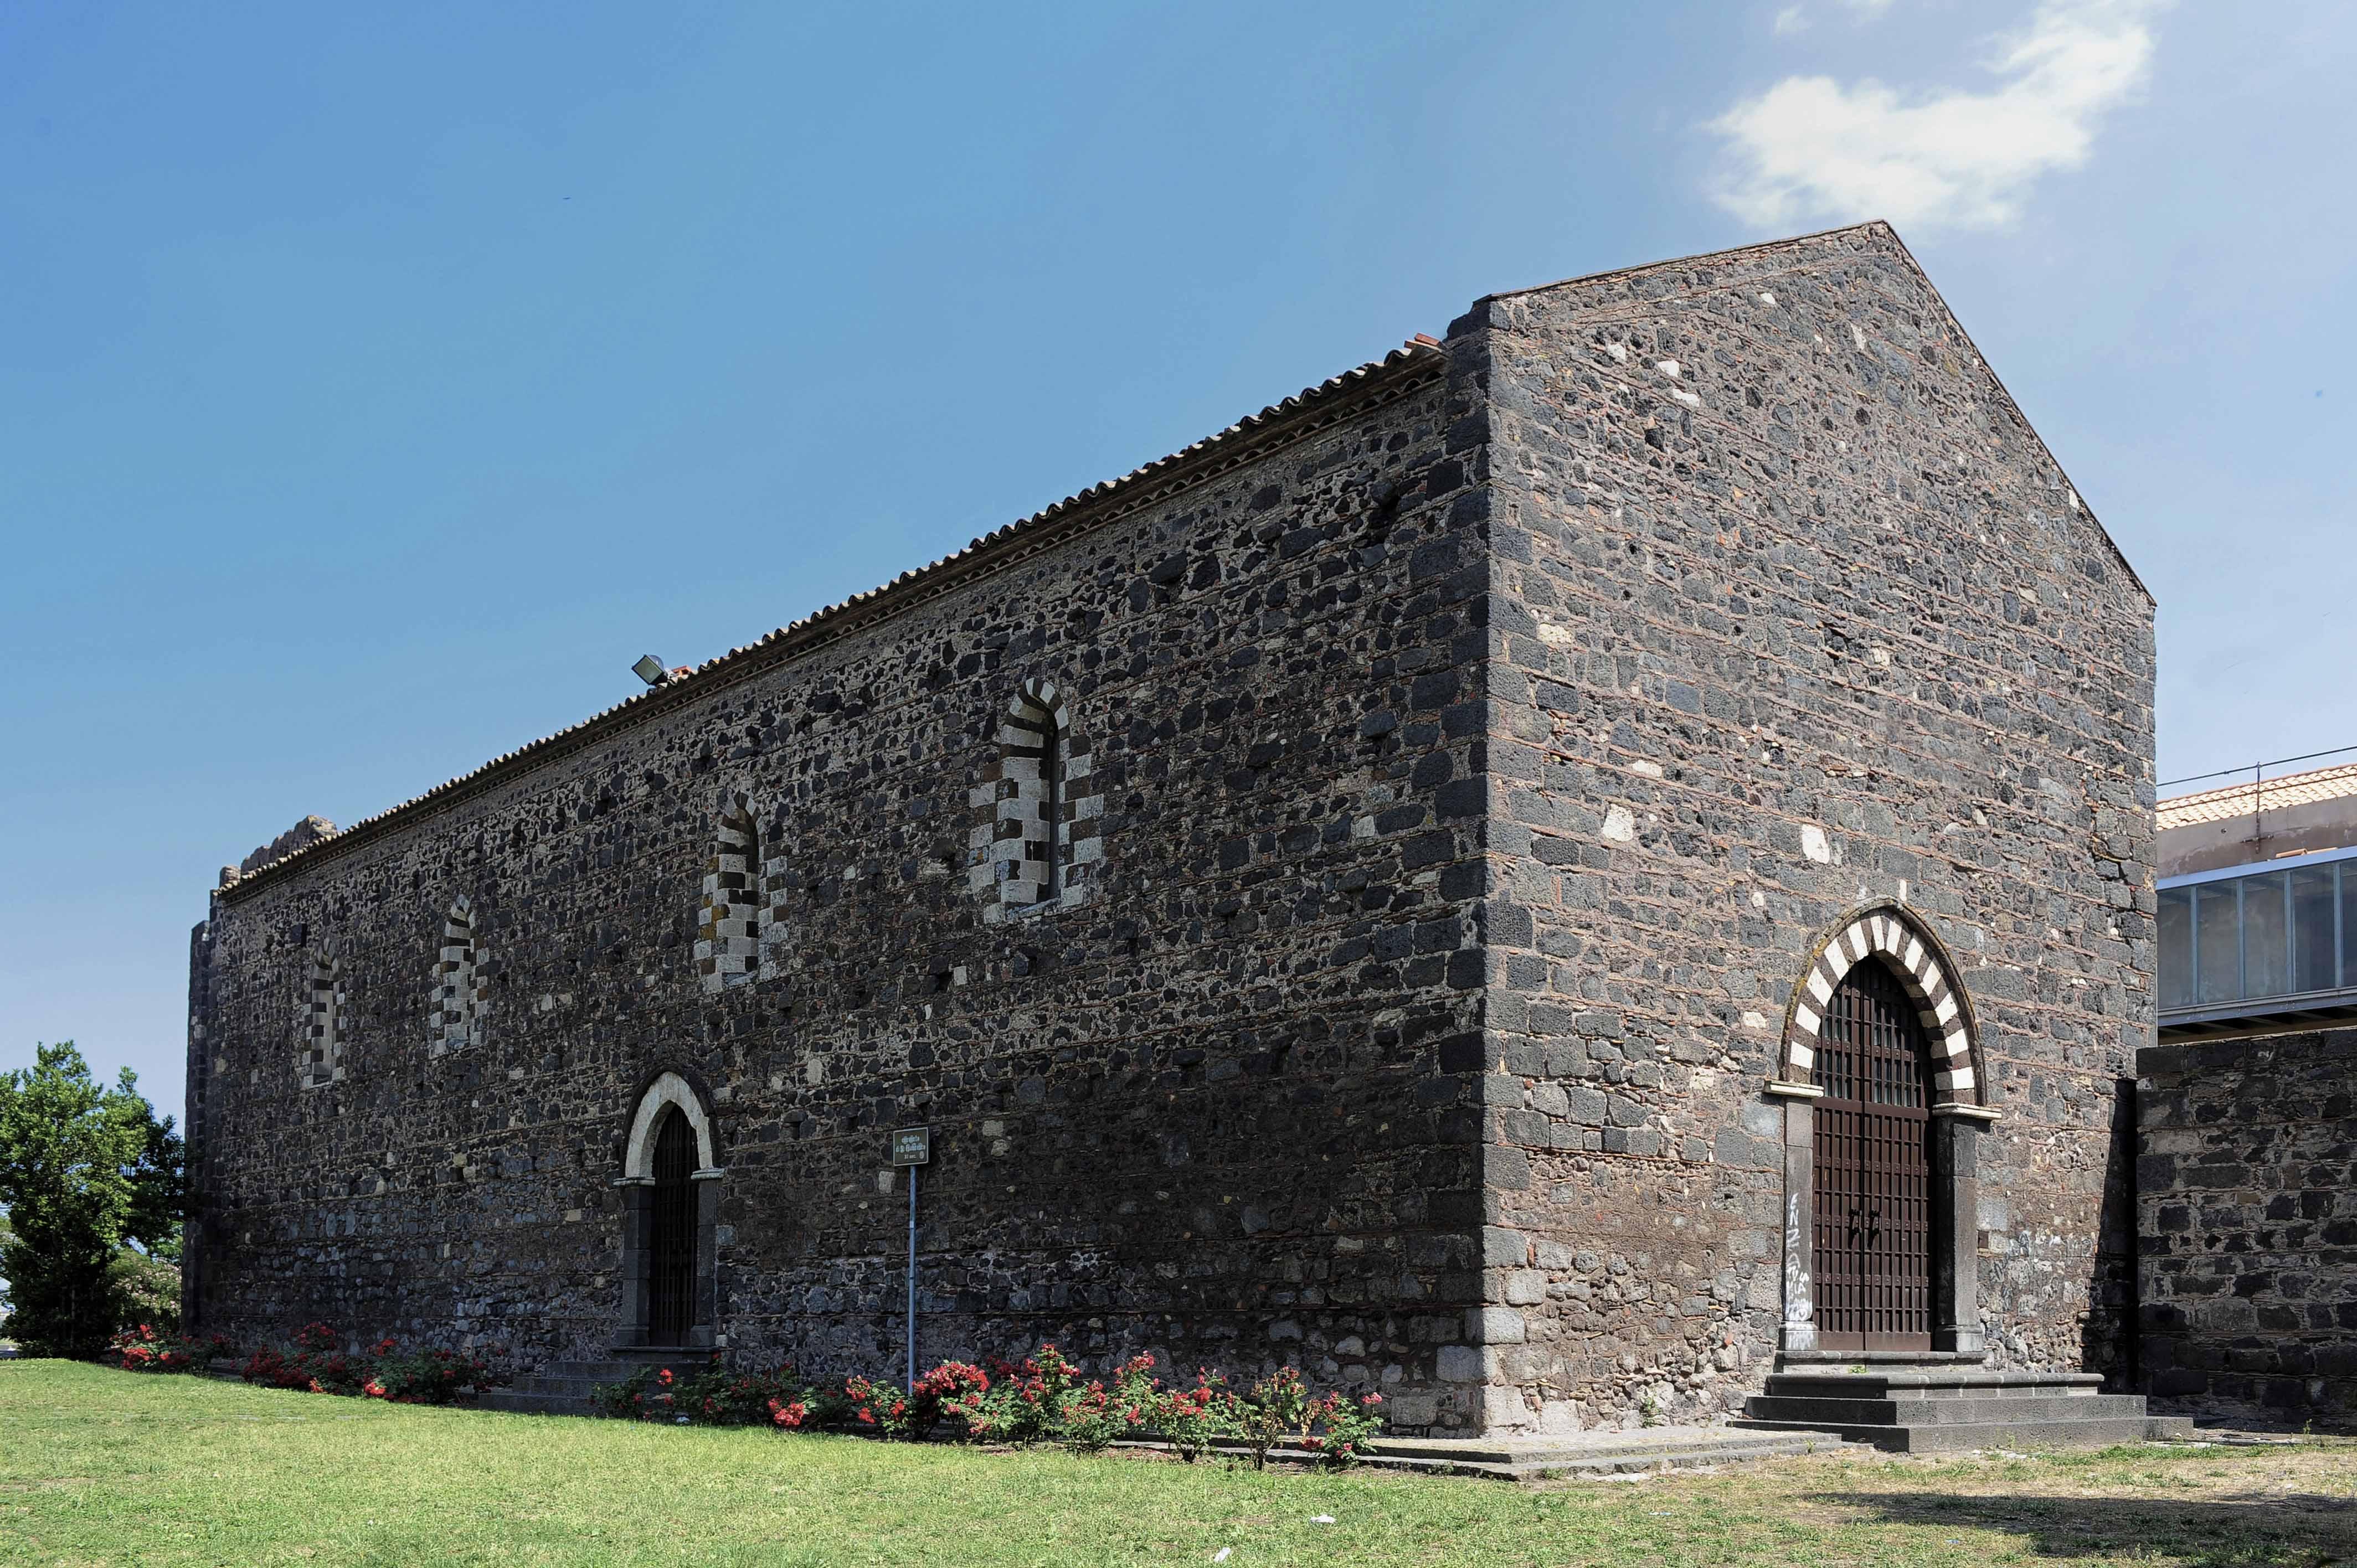 Il Convento di San Francesco alla Collina sulla Collina Storica a Paternò, tra gli altri oggetto di finanziamento per il totale restauro e conservazione.